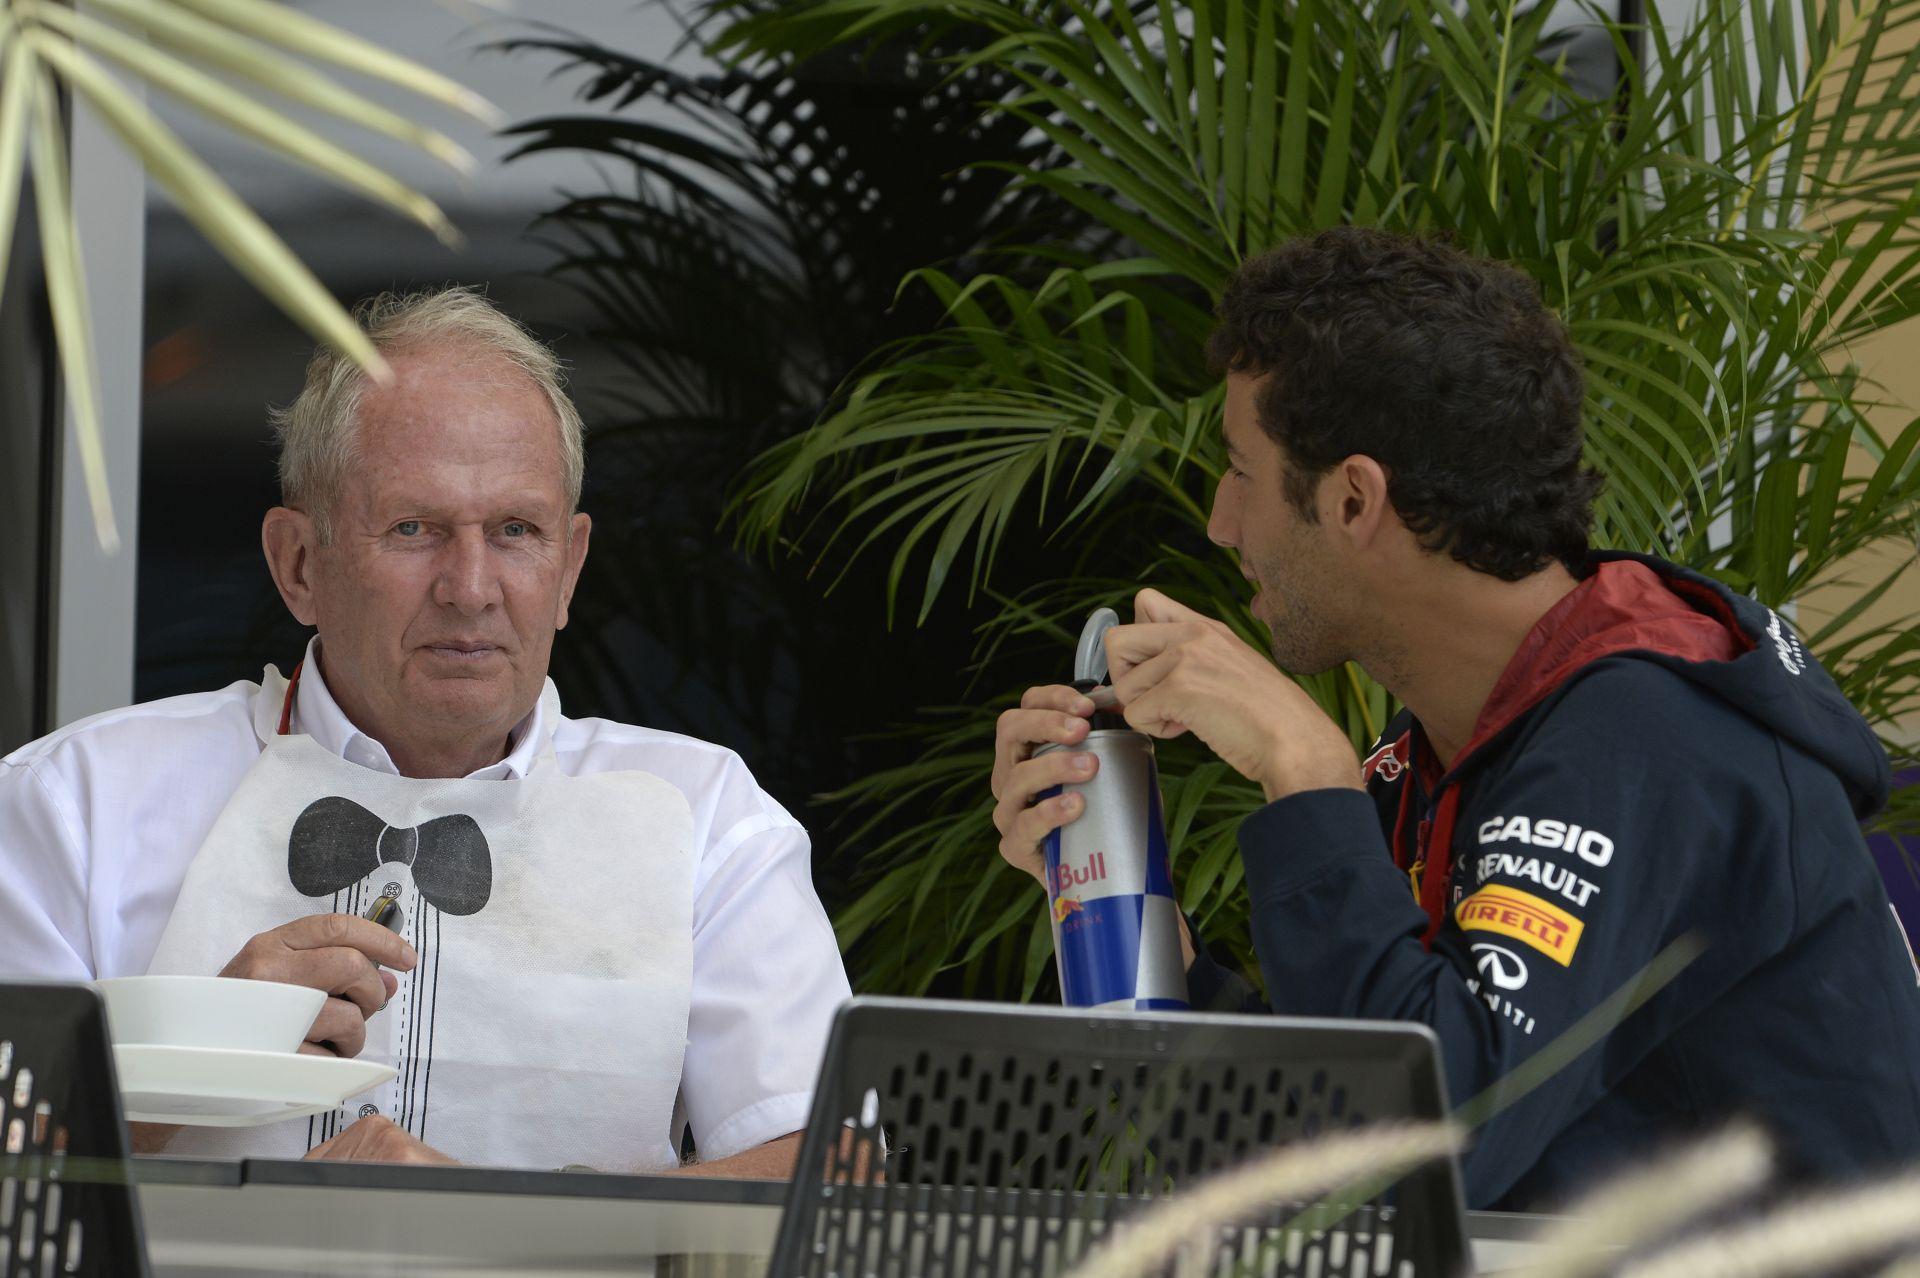 Marko: Ricciardo majdnem azon a szinten van, mint Hamilton